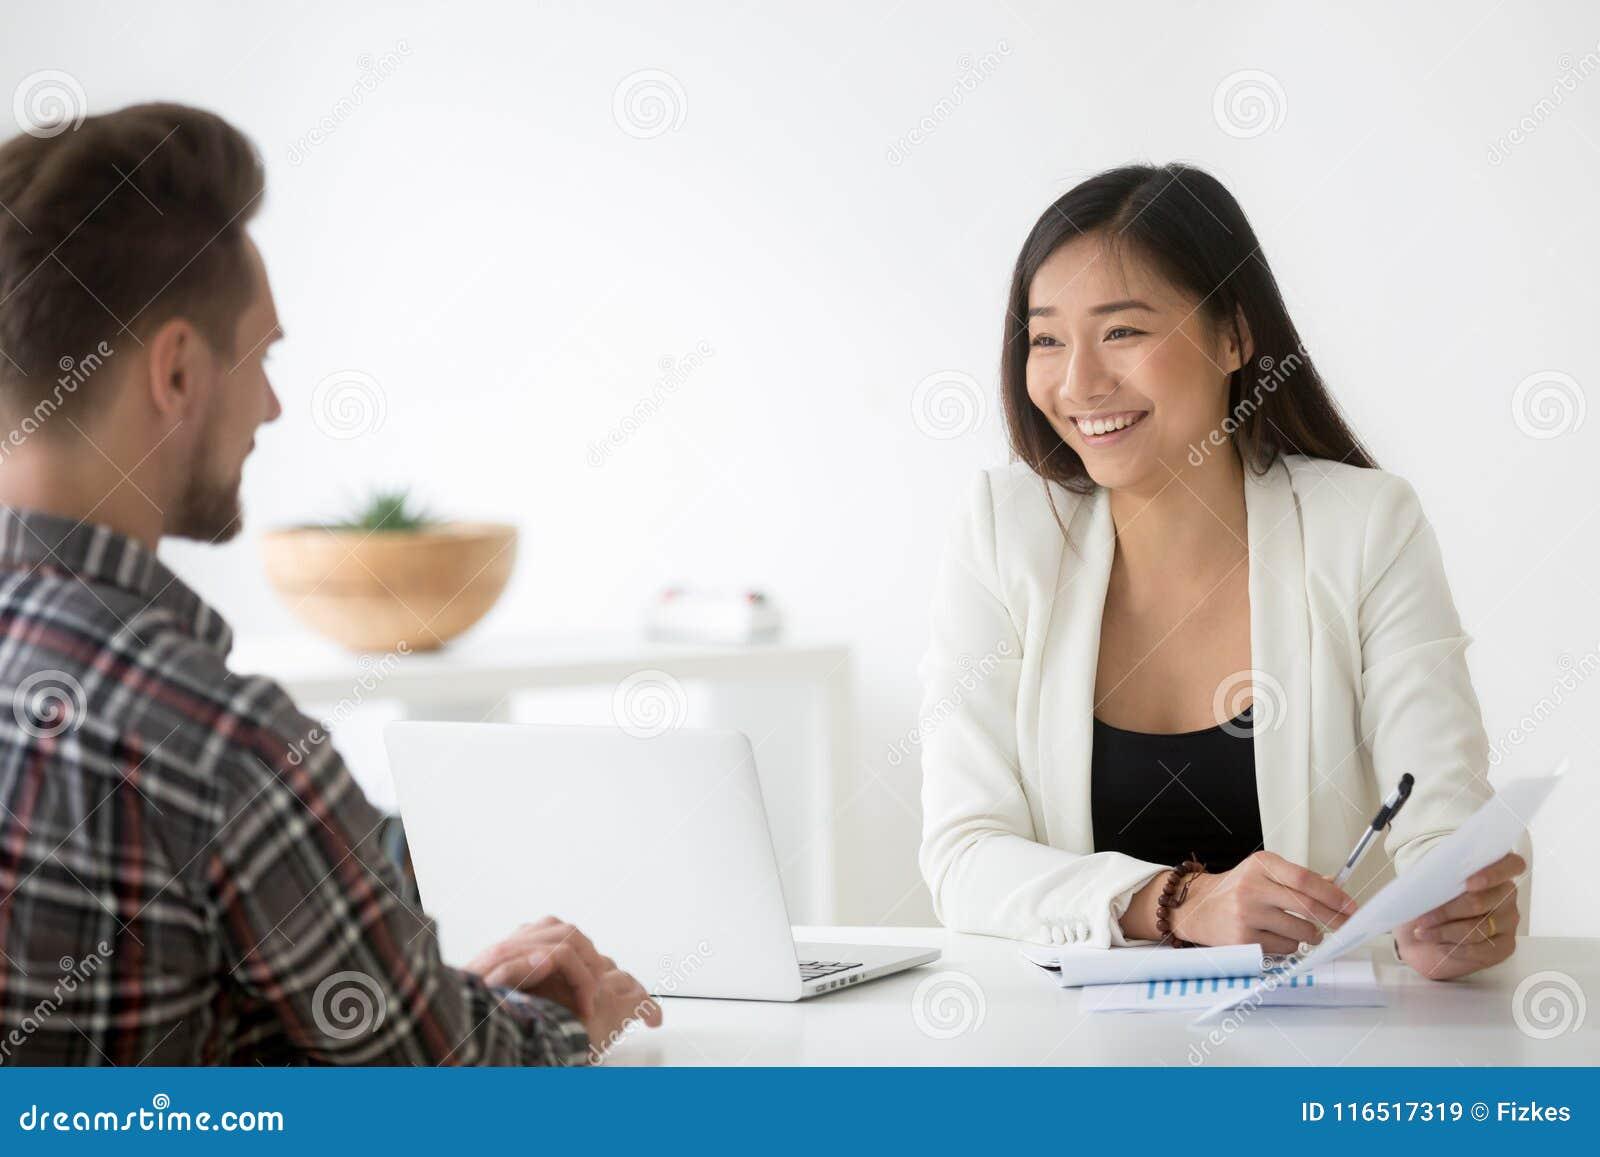 Говорить hr дружелюбного азиата усмехаясь к выбранному на собеседовании для приема на работу